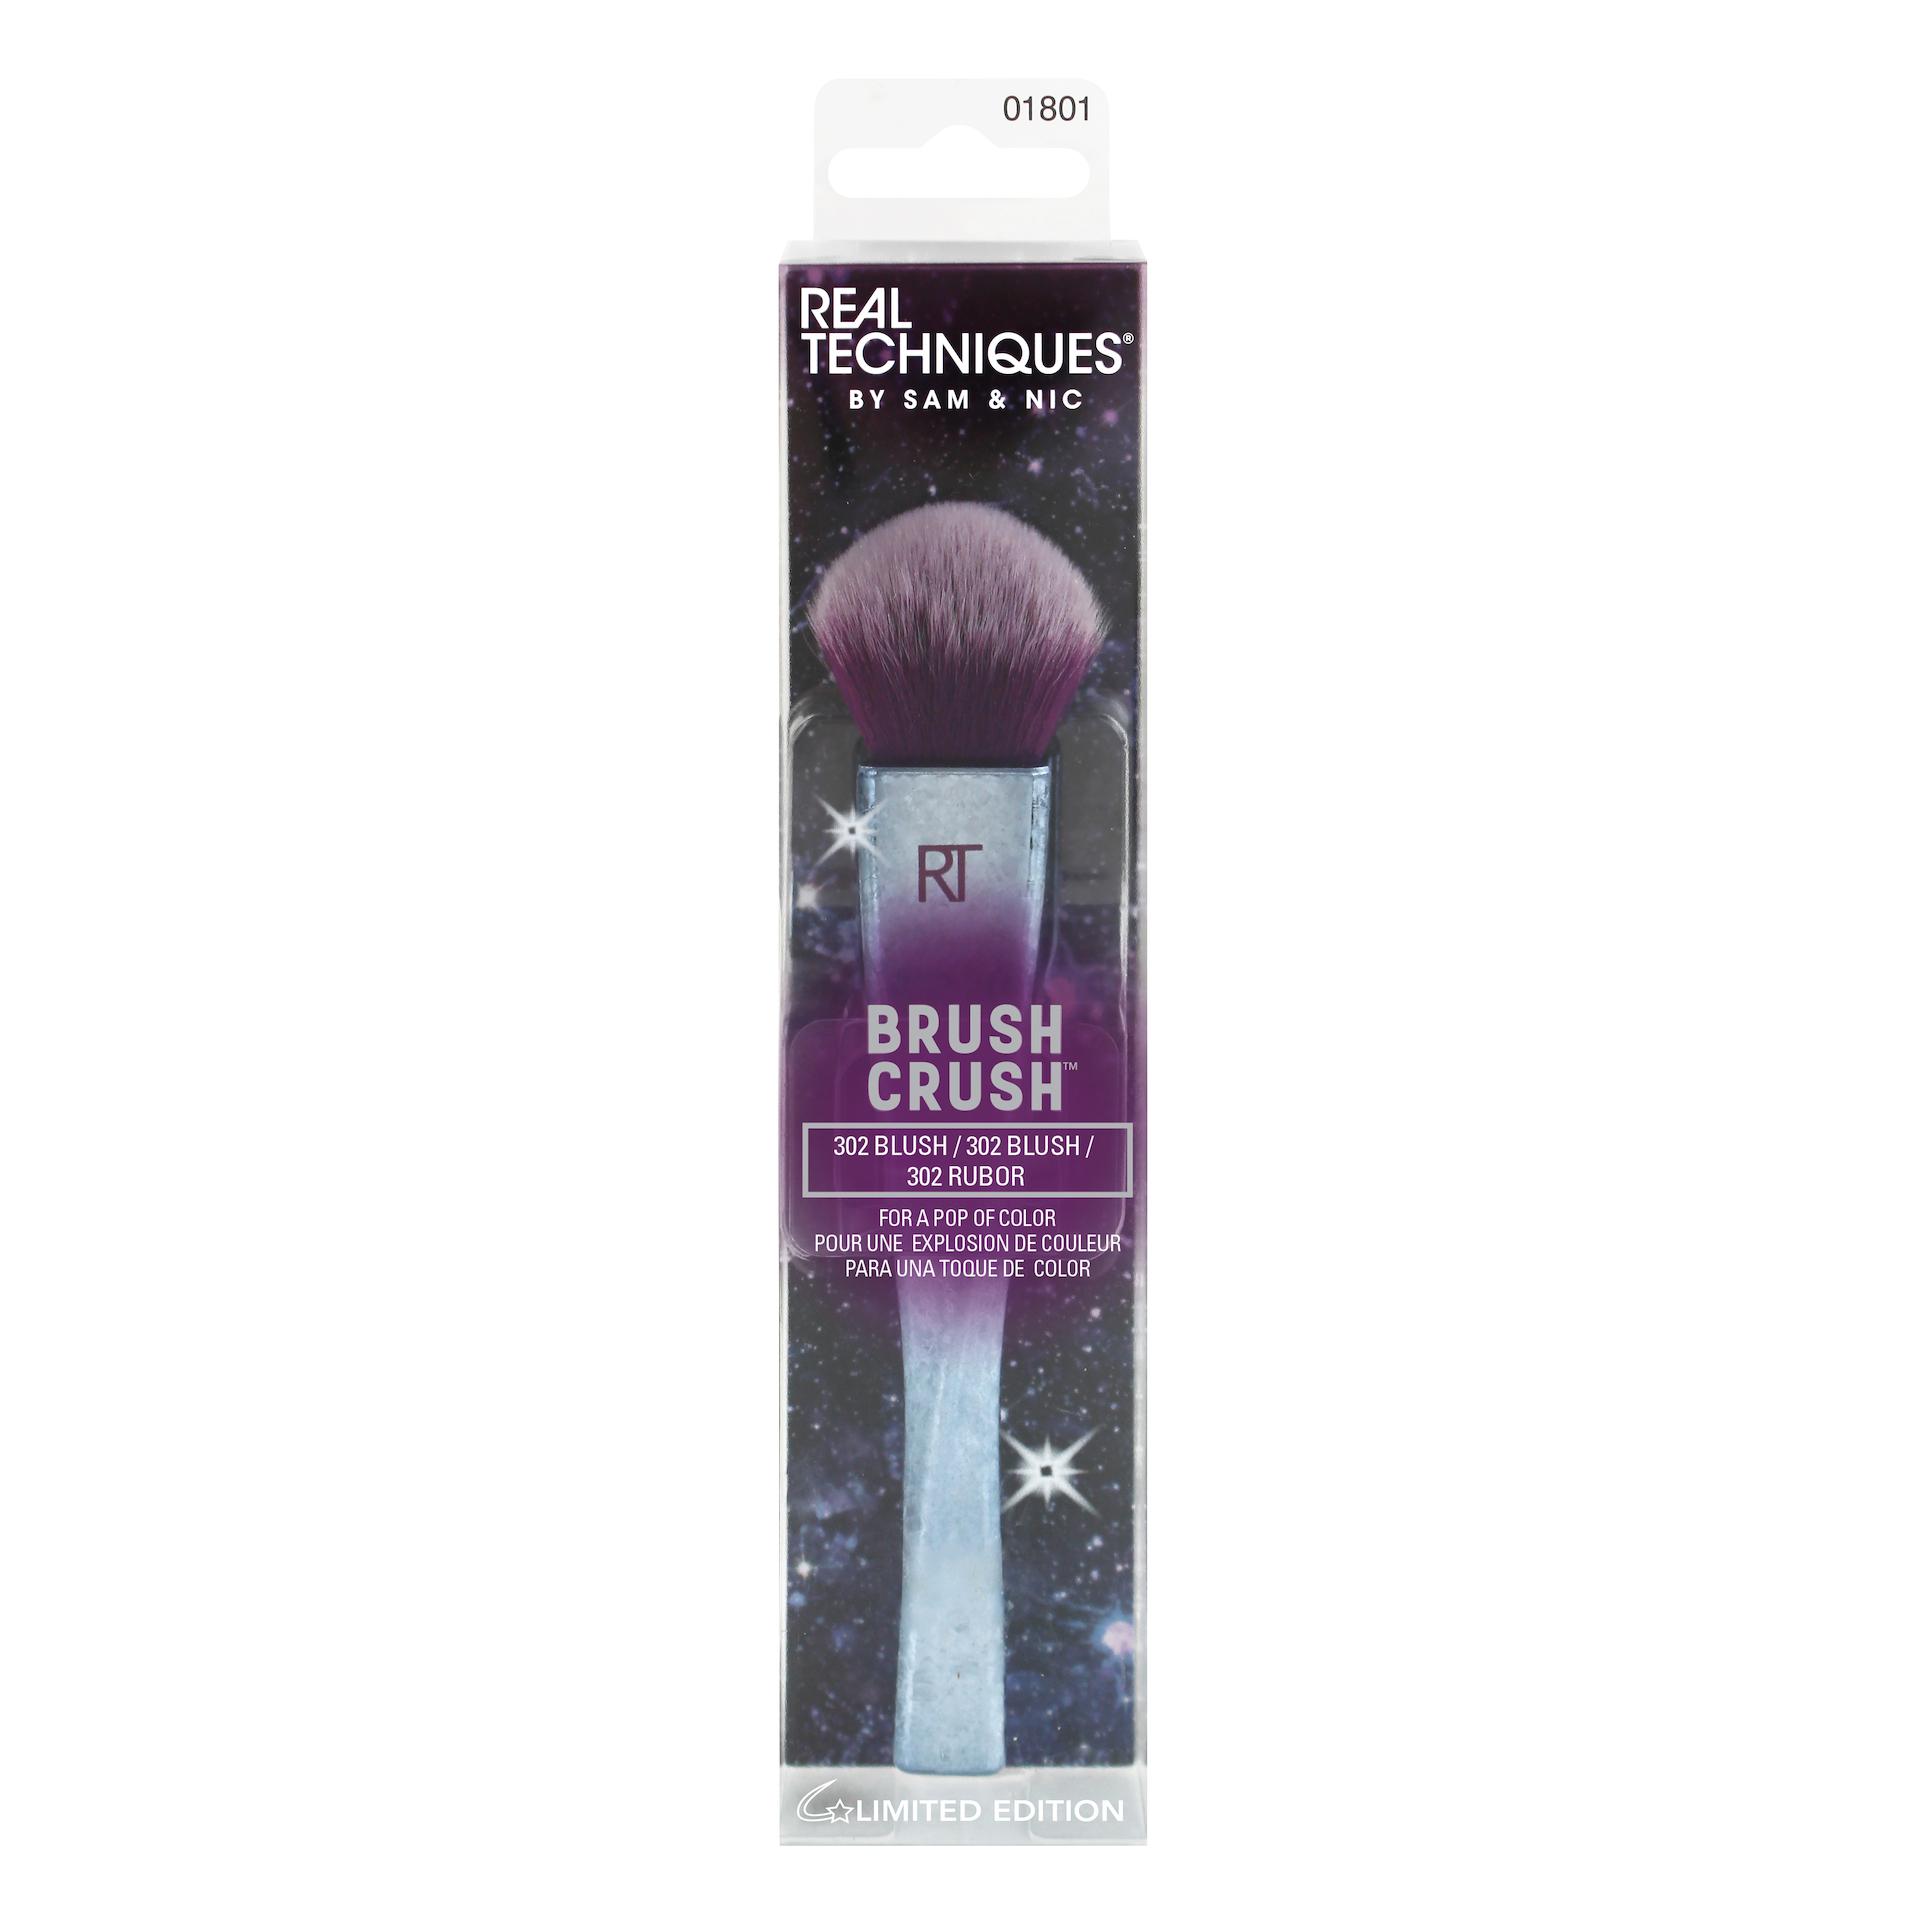 302 Blush Brush